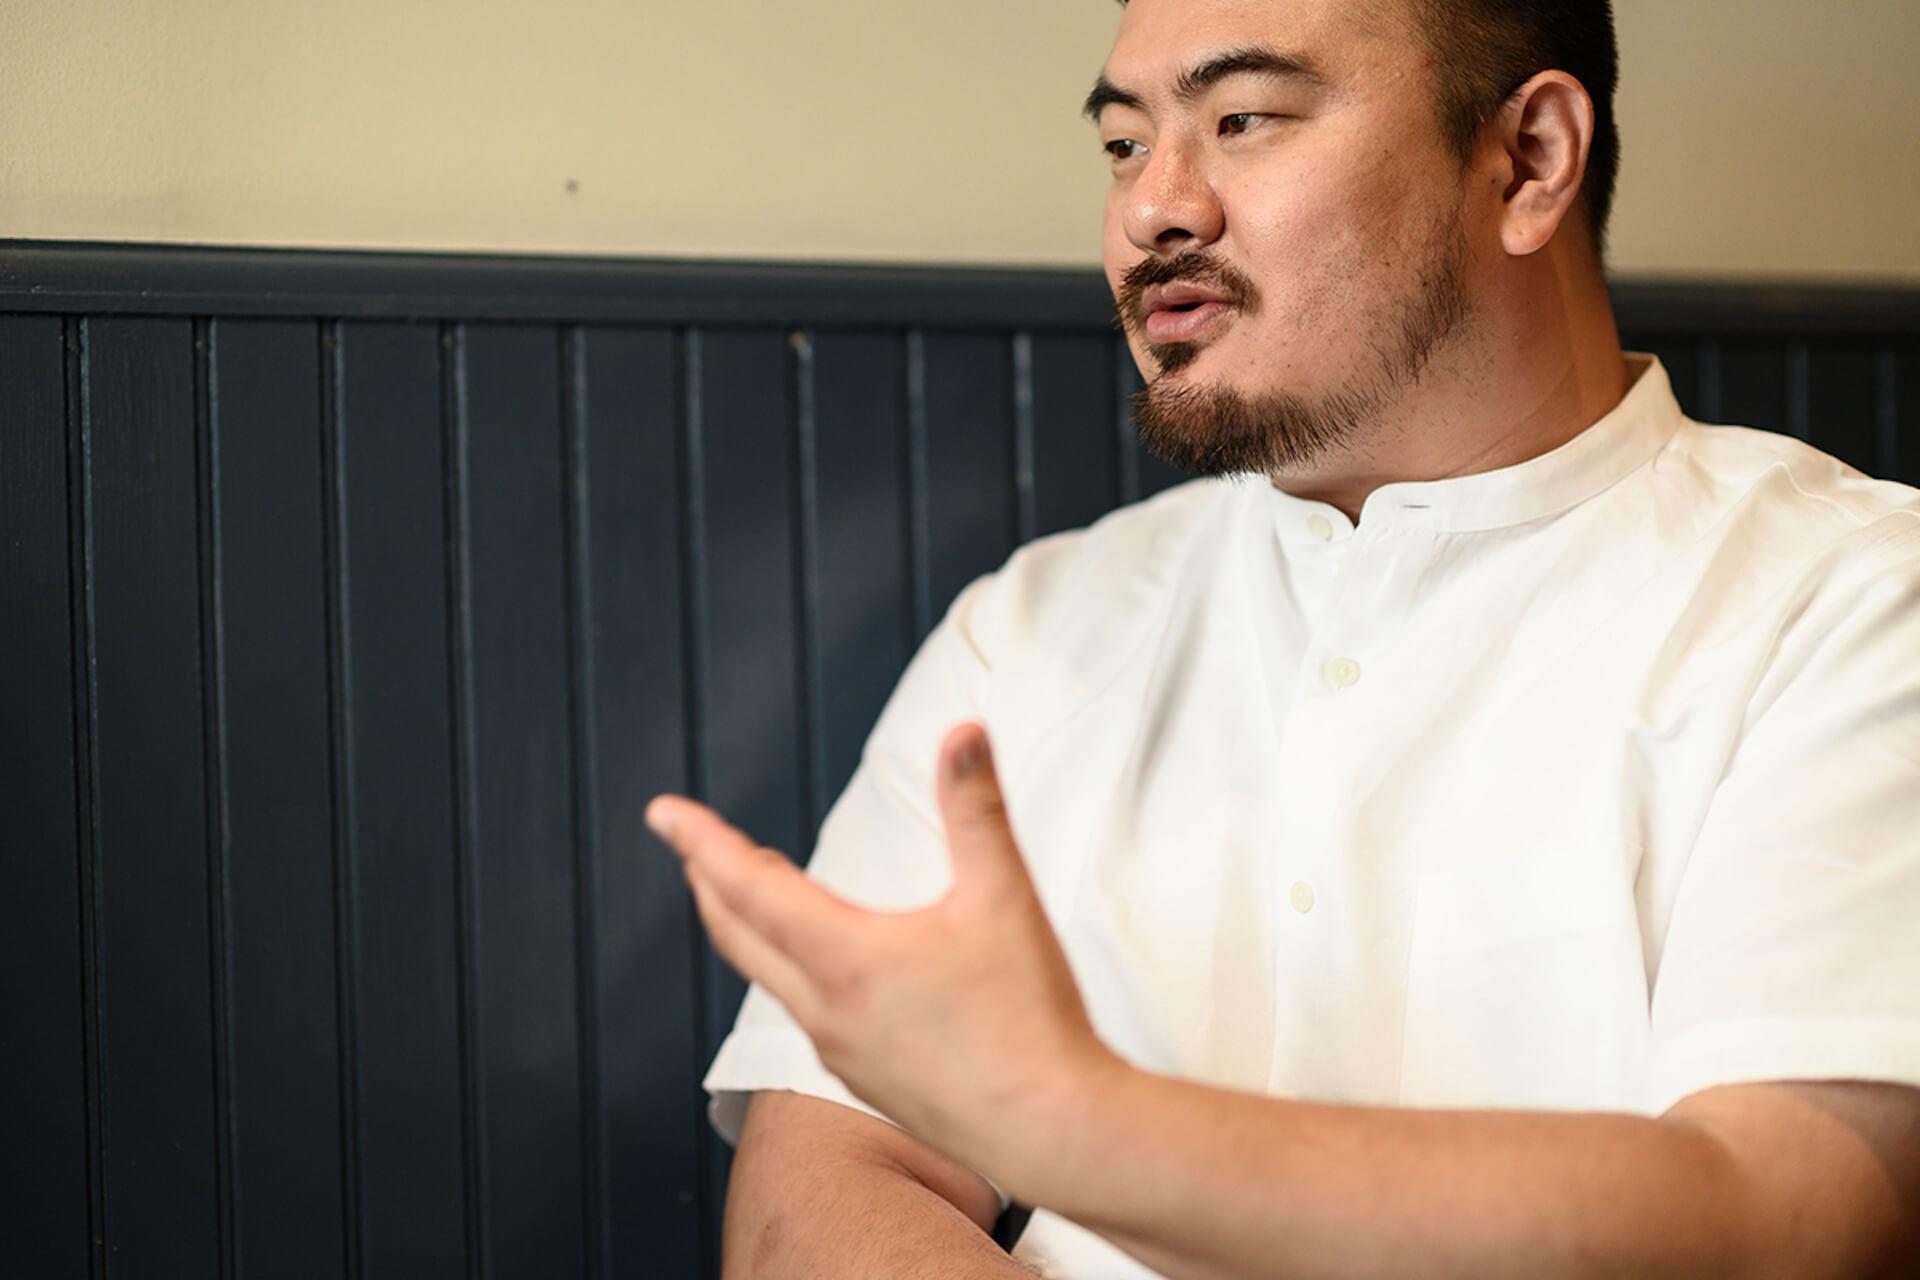 代々木上原の人気レストラン『sio』のオーナーシェフ鳥羽周作氏が語る、料理業界にかける熱い思い gourmet201119_mondoalfa_sio_5